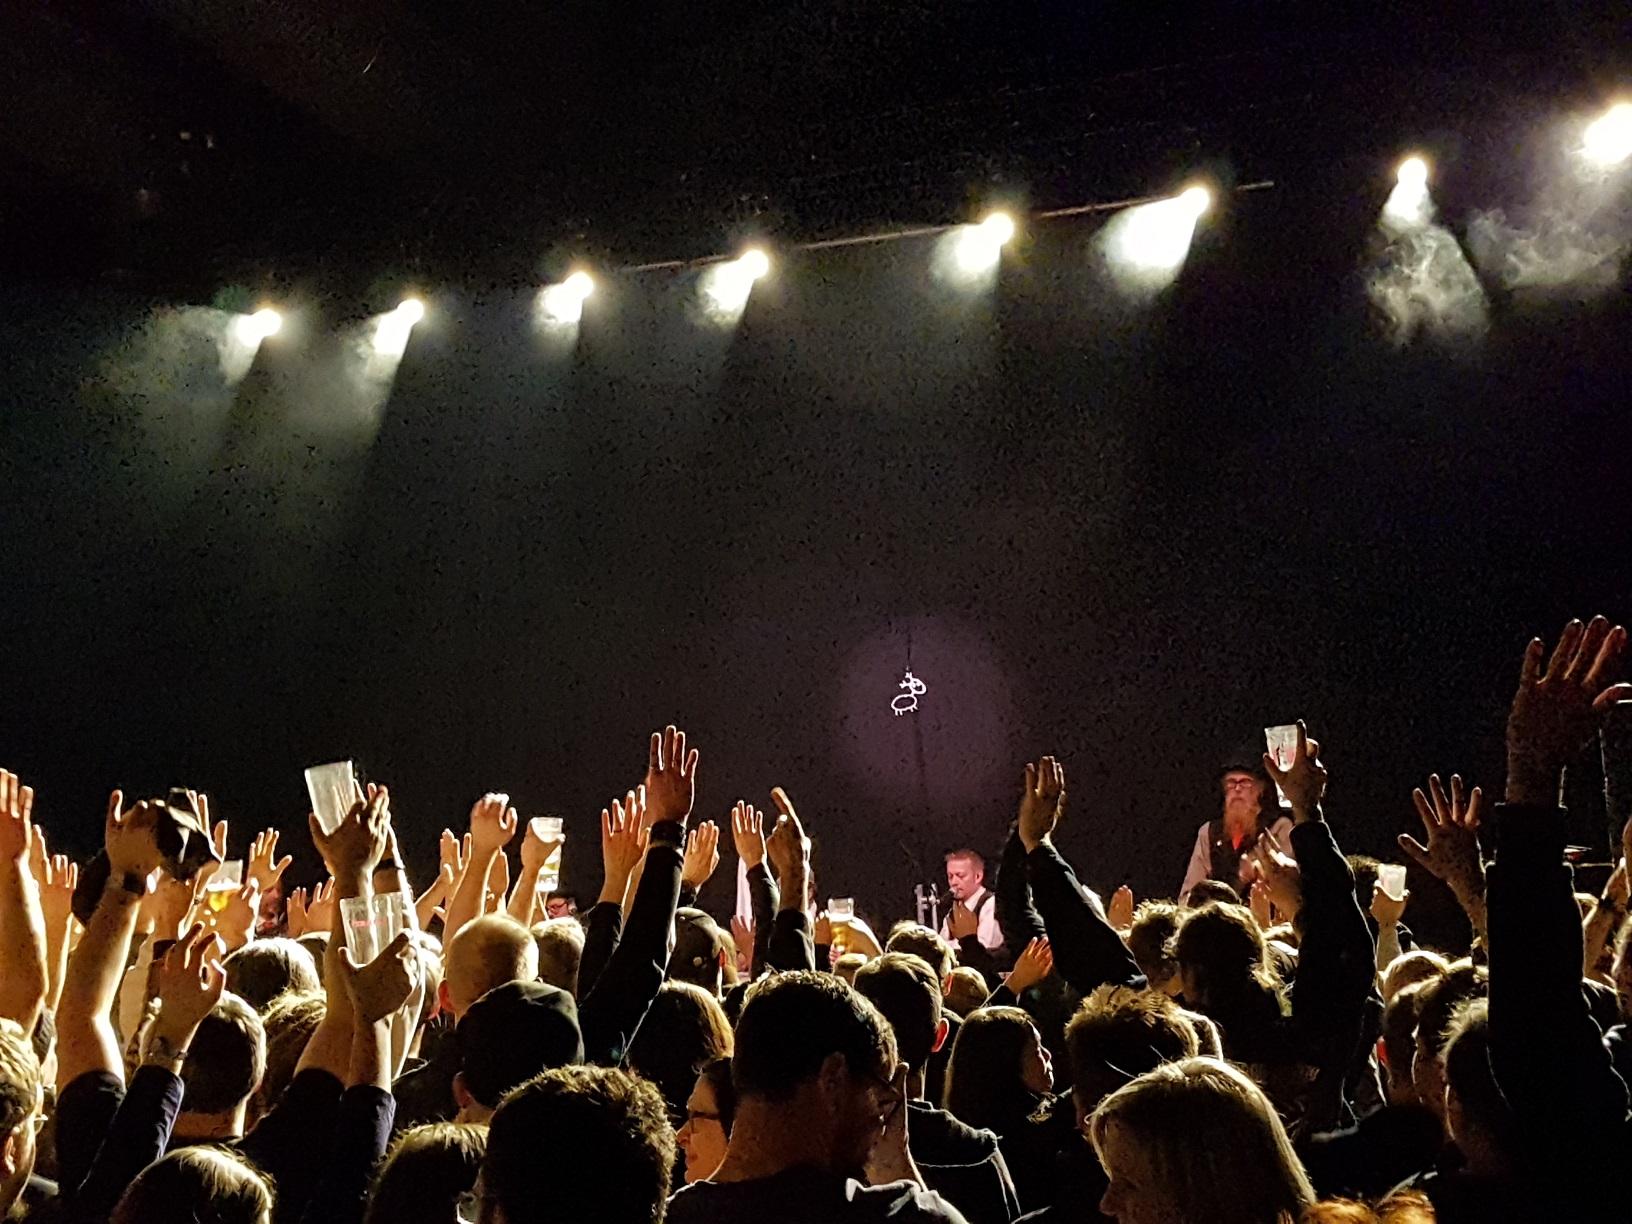 Eläkeläiset auf der Bühne